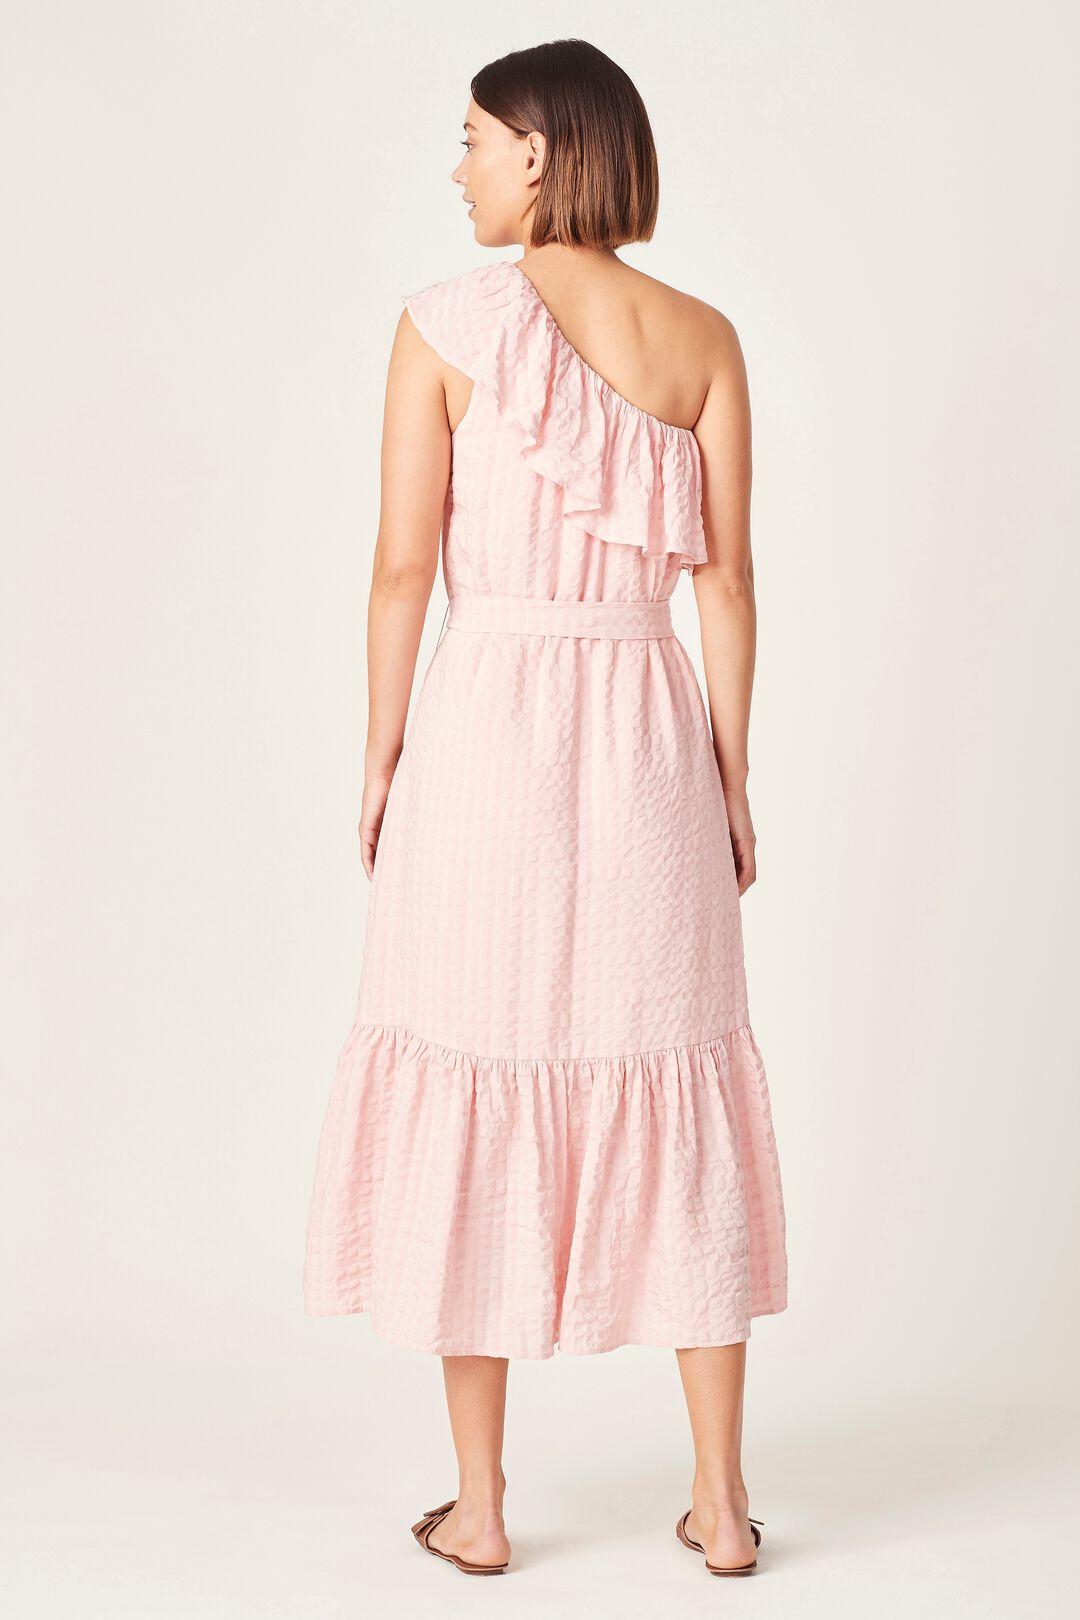 ONE SHOULDER TEXTURED DRESS  SOFT PINK  hi-res